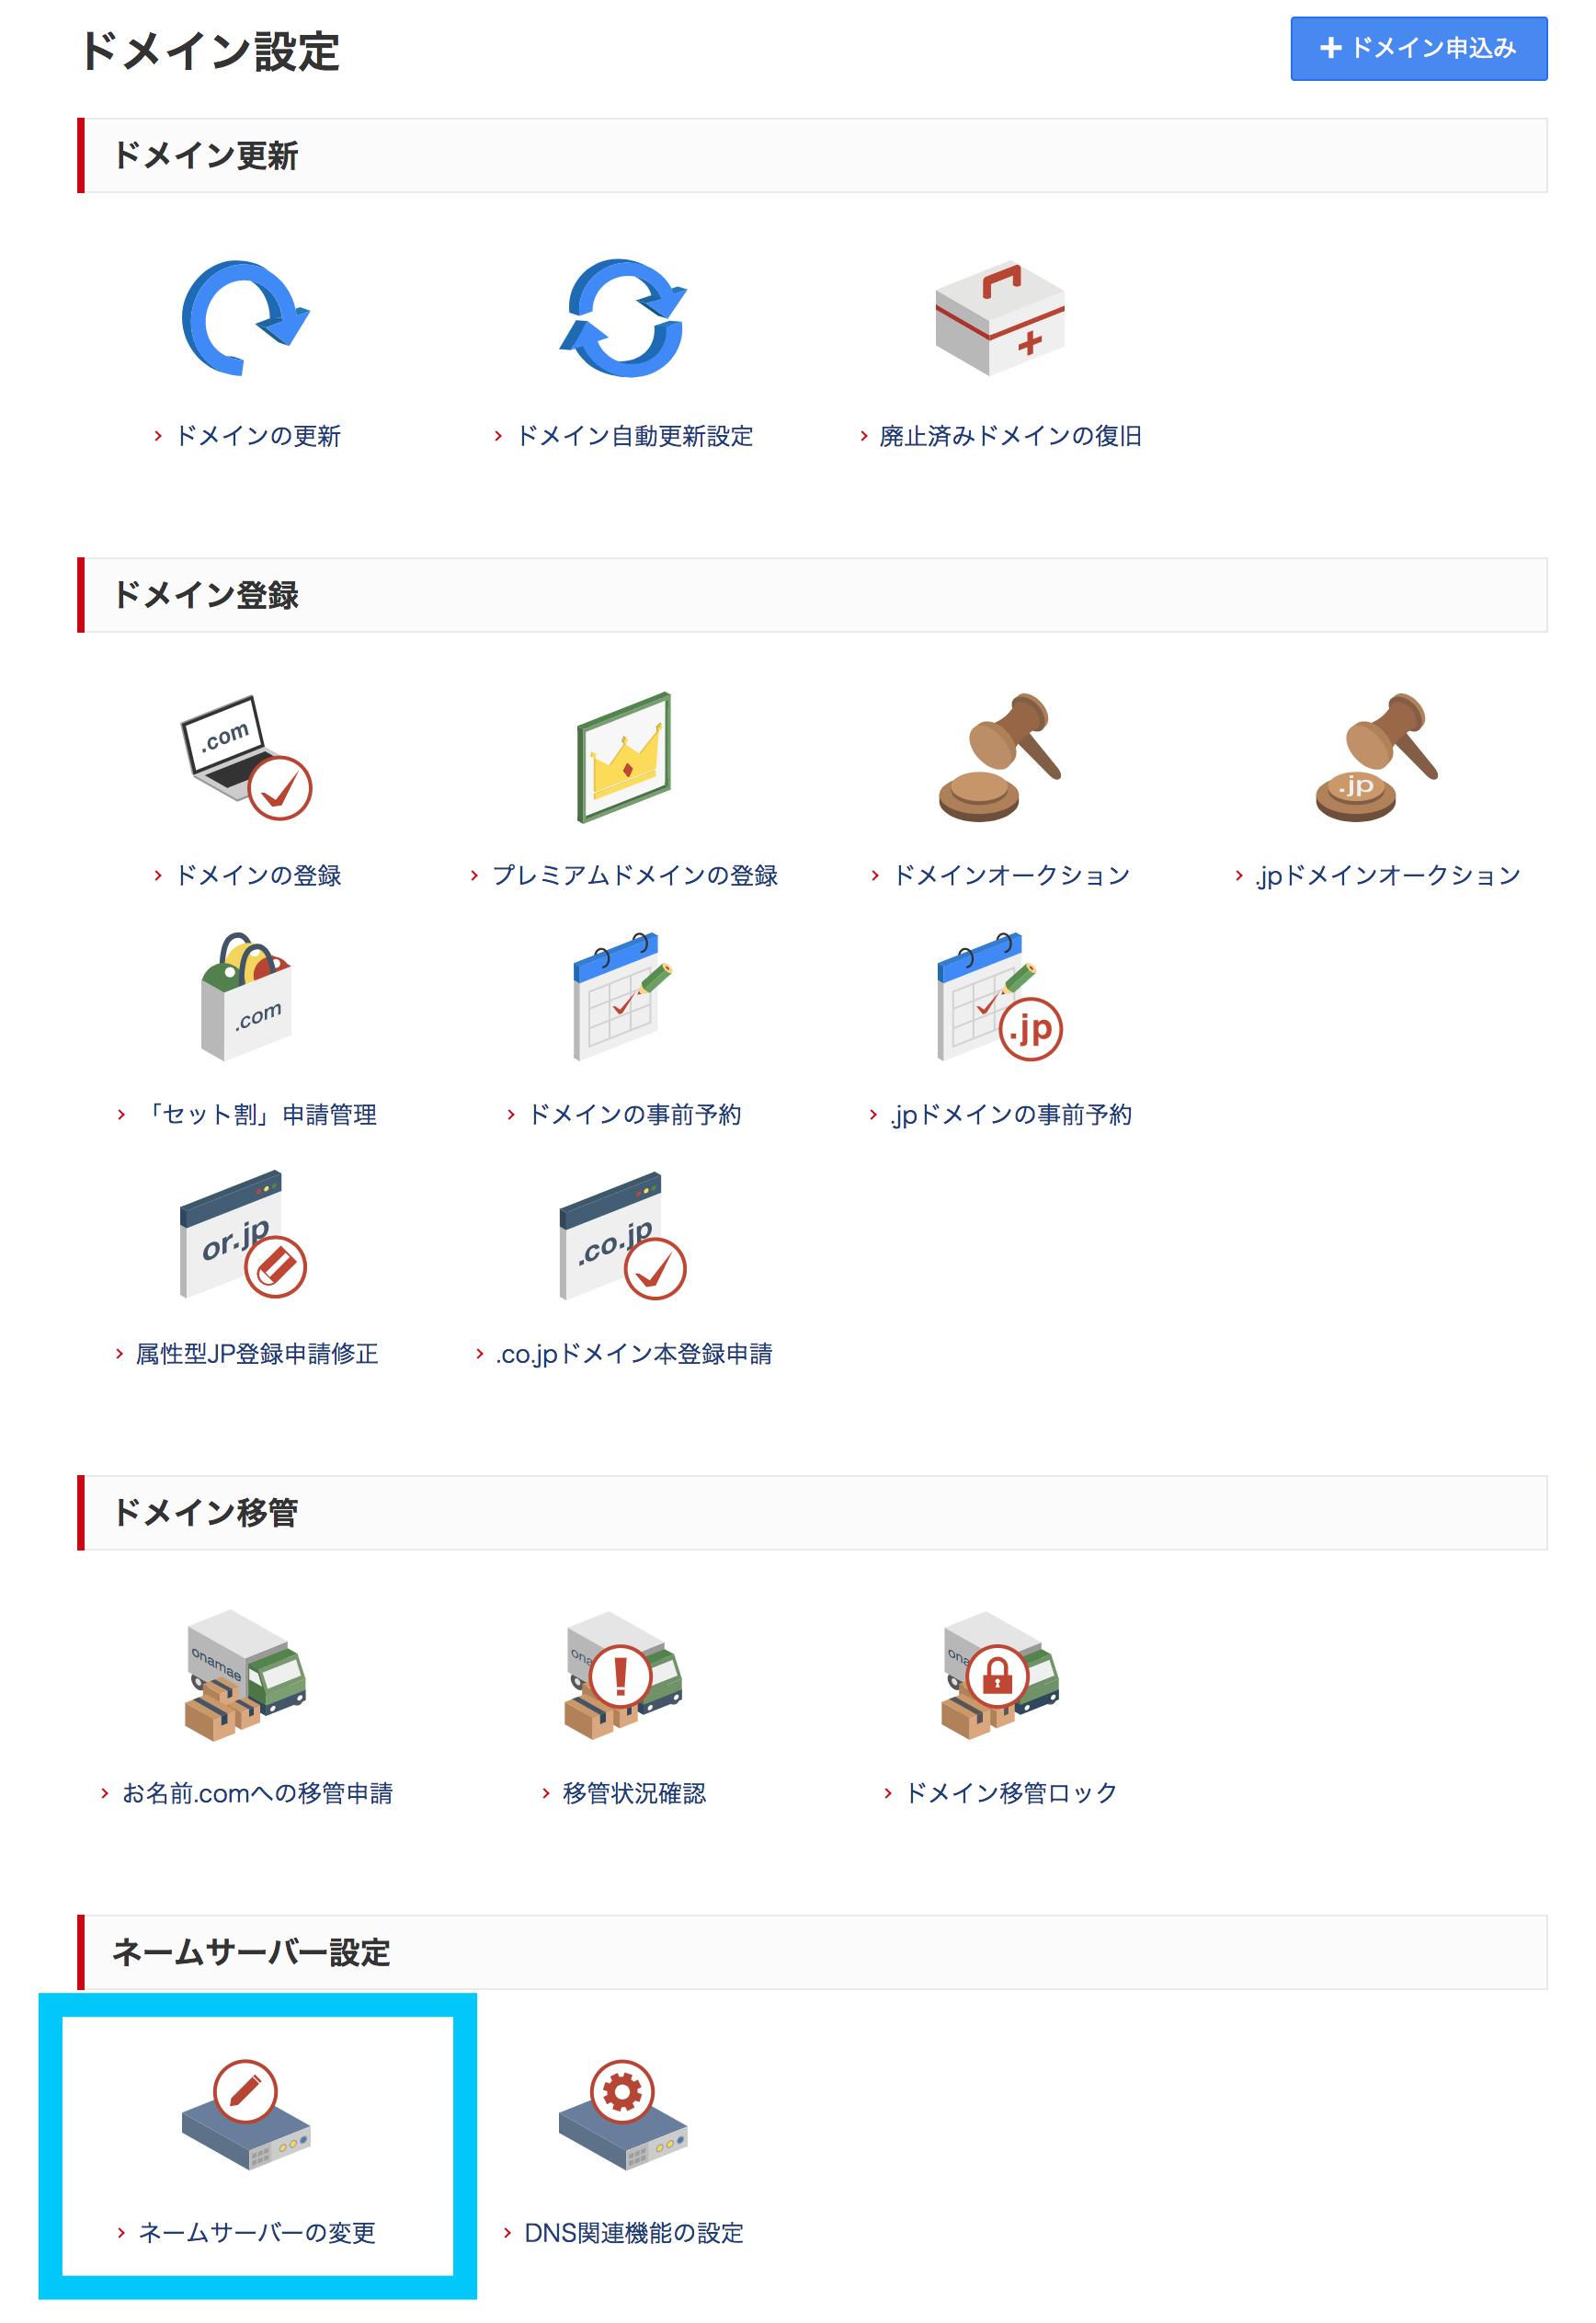 お名前.com ドメイン設定